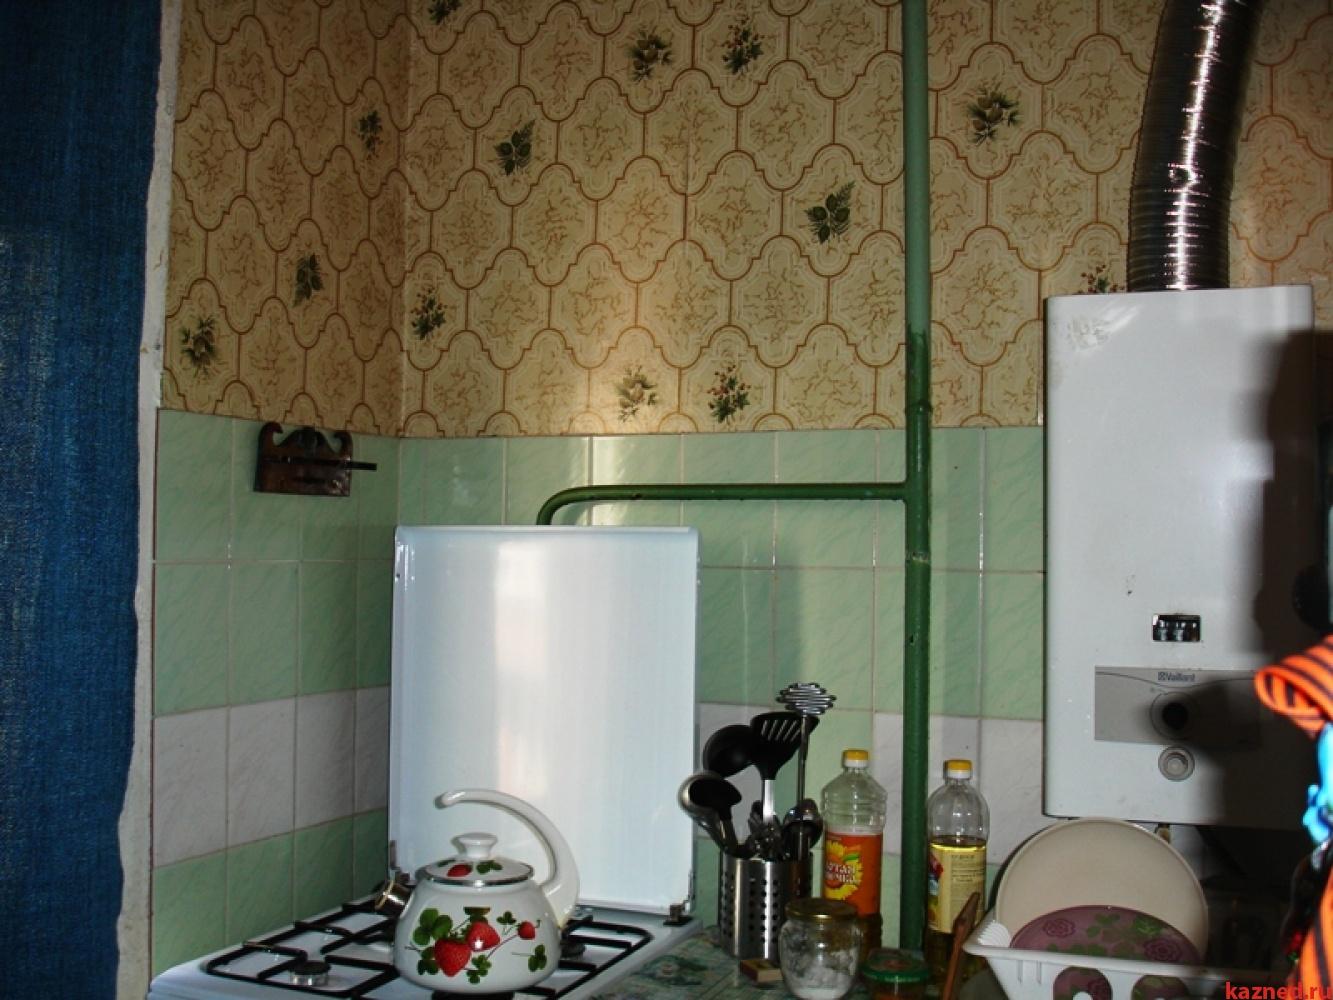 Продажа 1-к квартиры Ново-Азинская,10, 32 м2  (миниатюра №3)